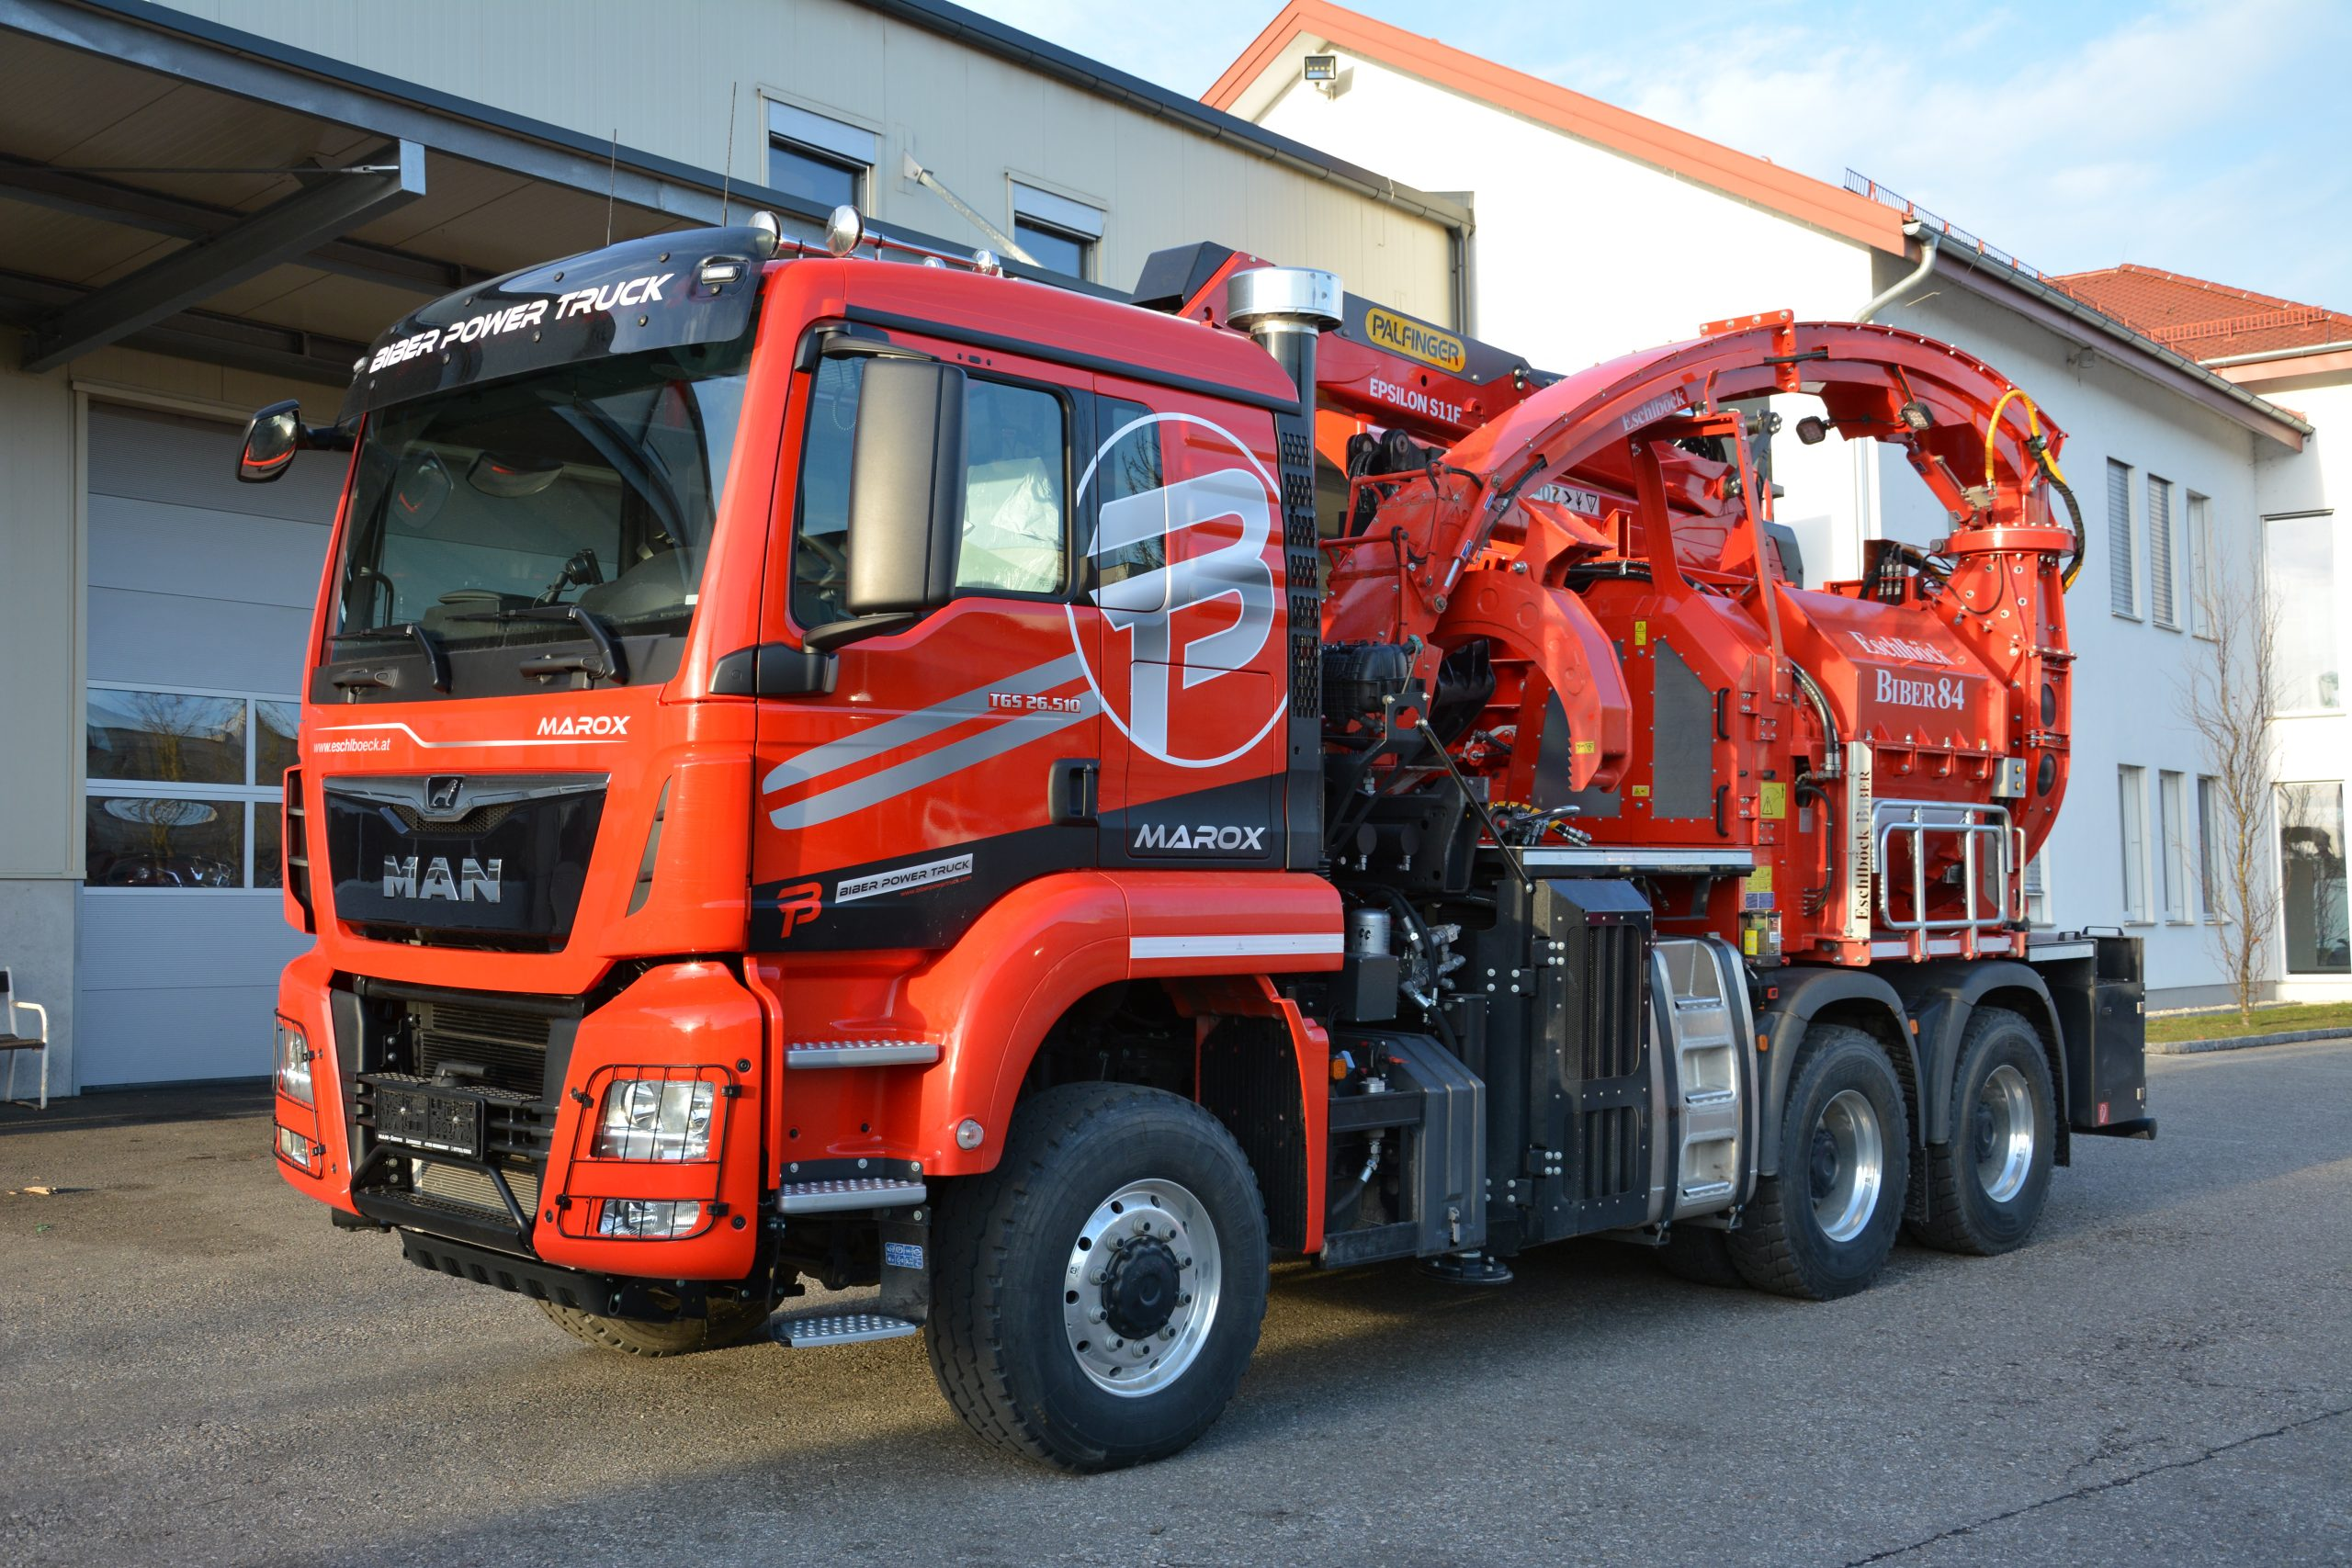 Eschlböck Biber 84 BPT Holzhackmaschine